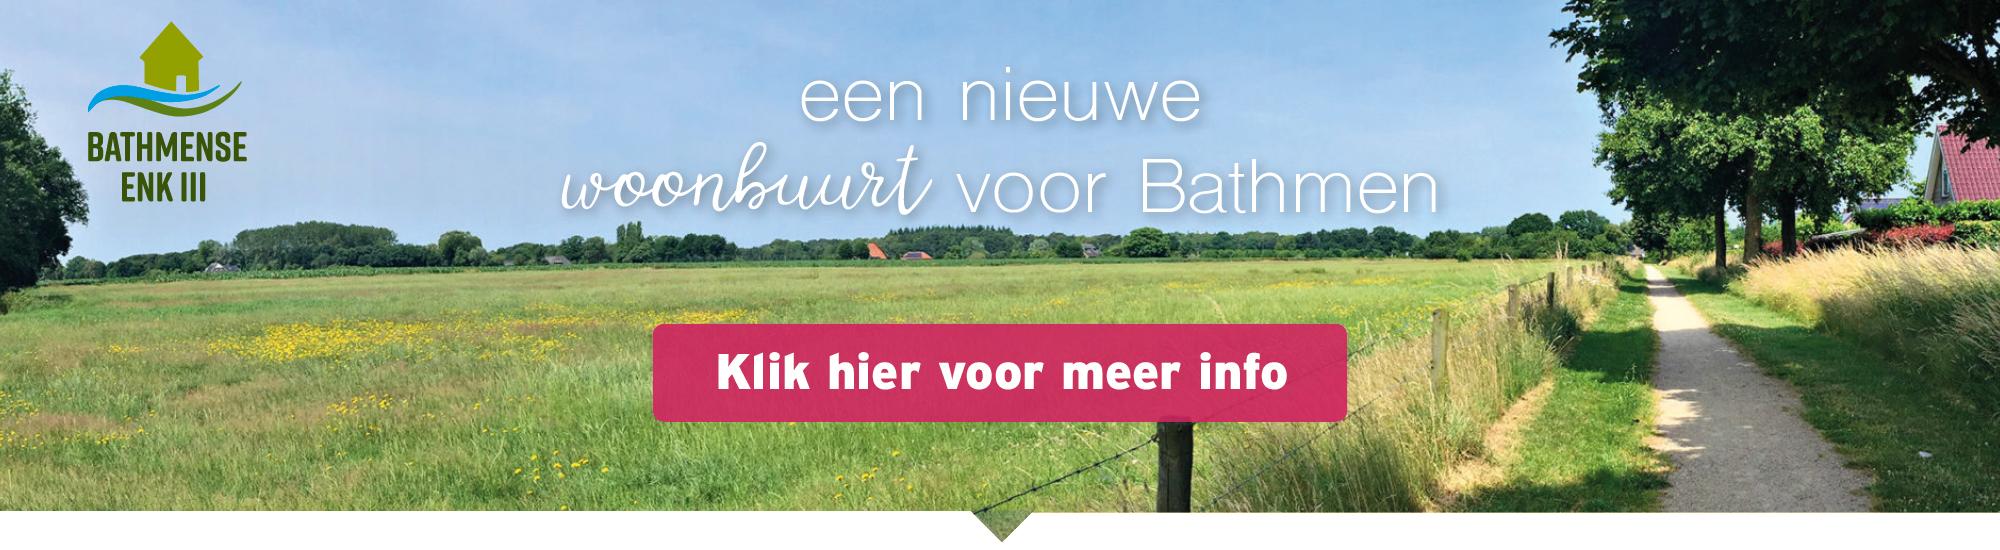 Nieuwbouwproject Bathmense Enk III Bathmen